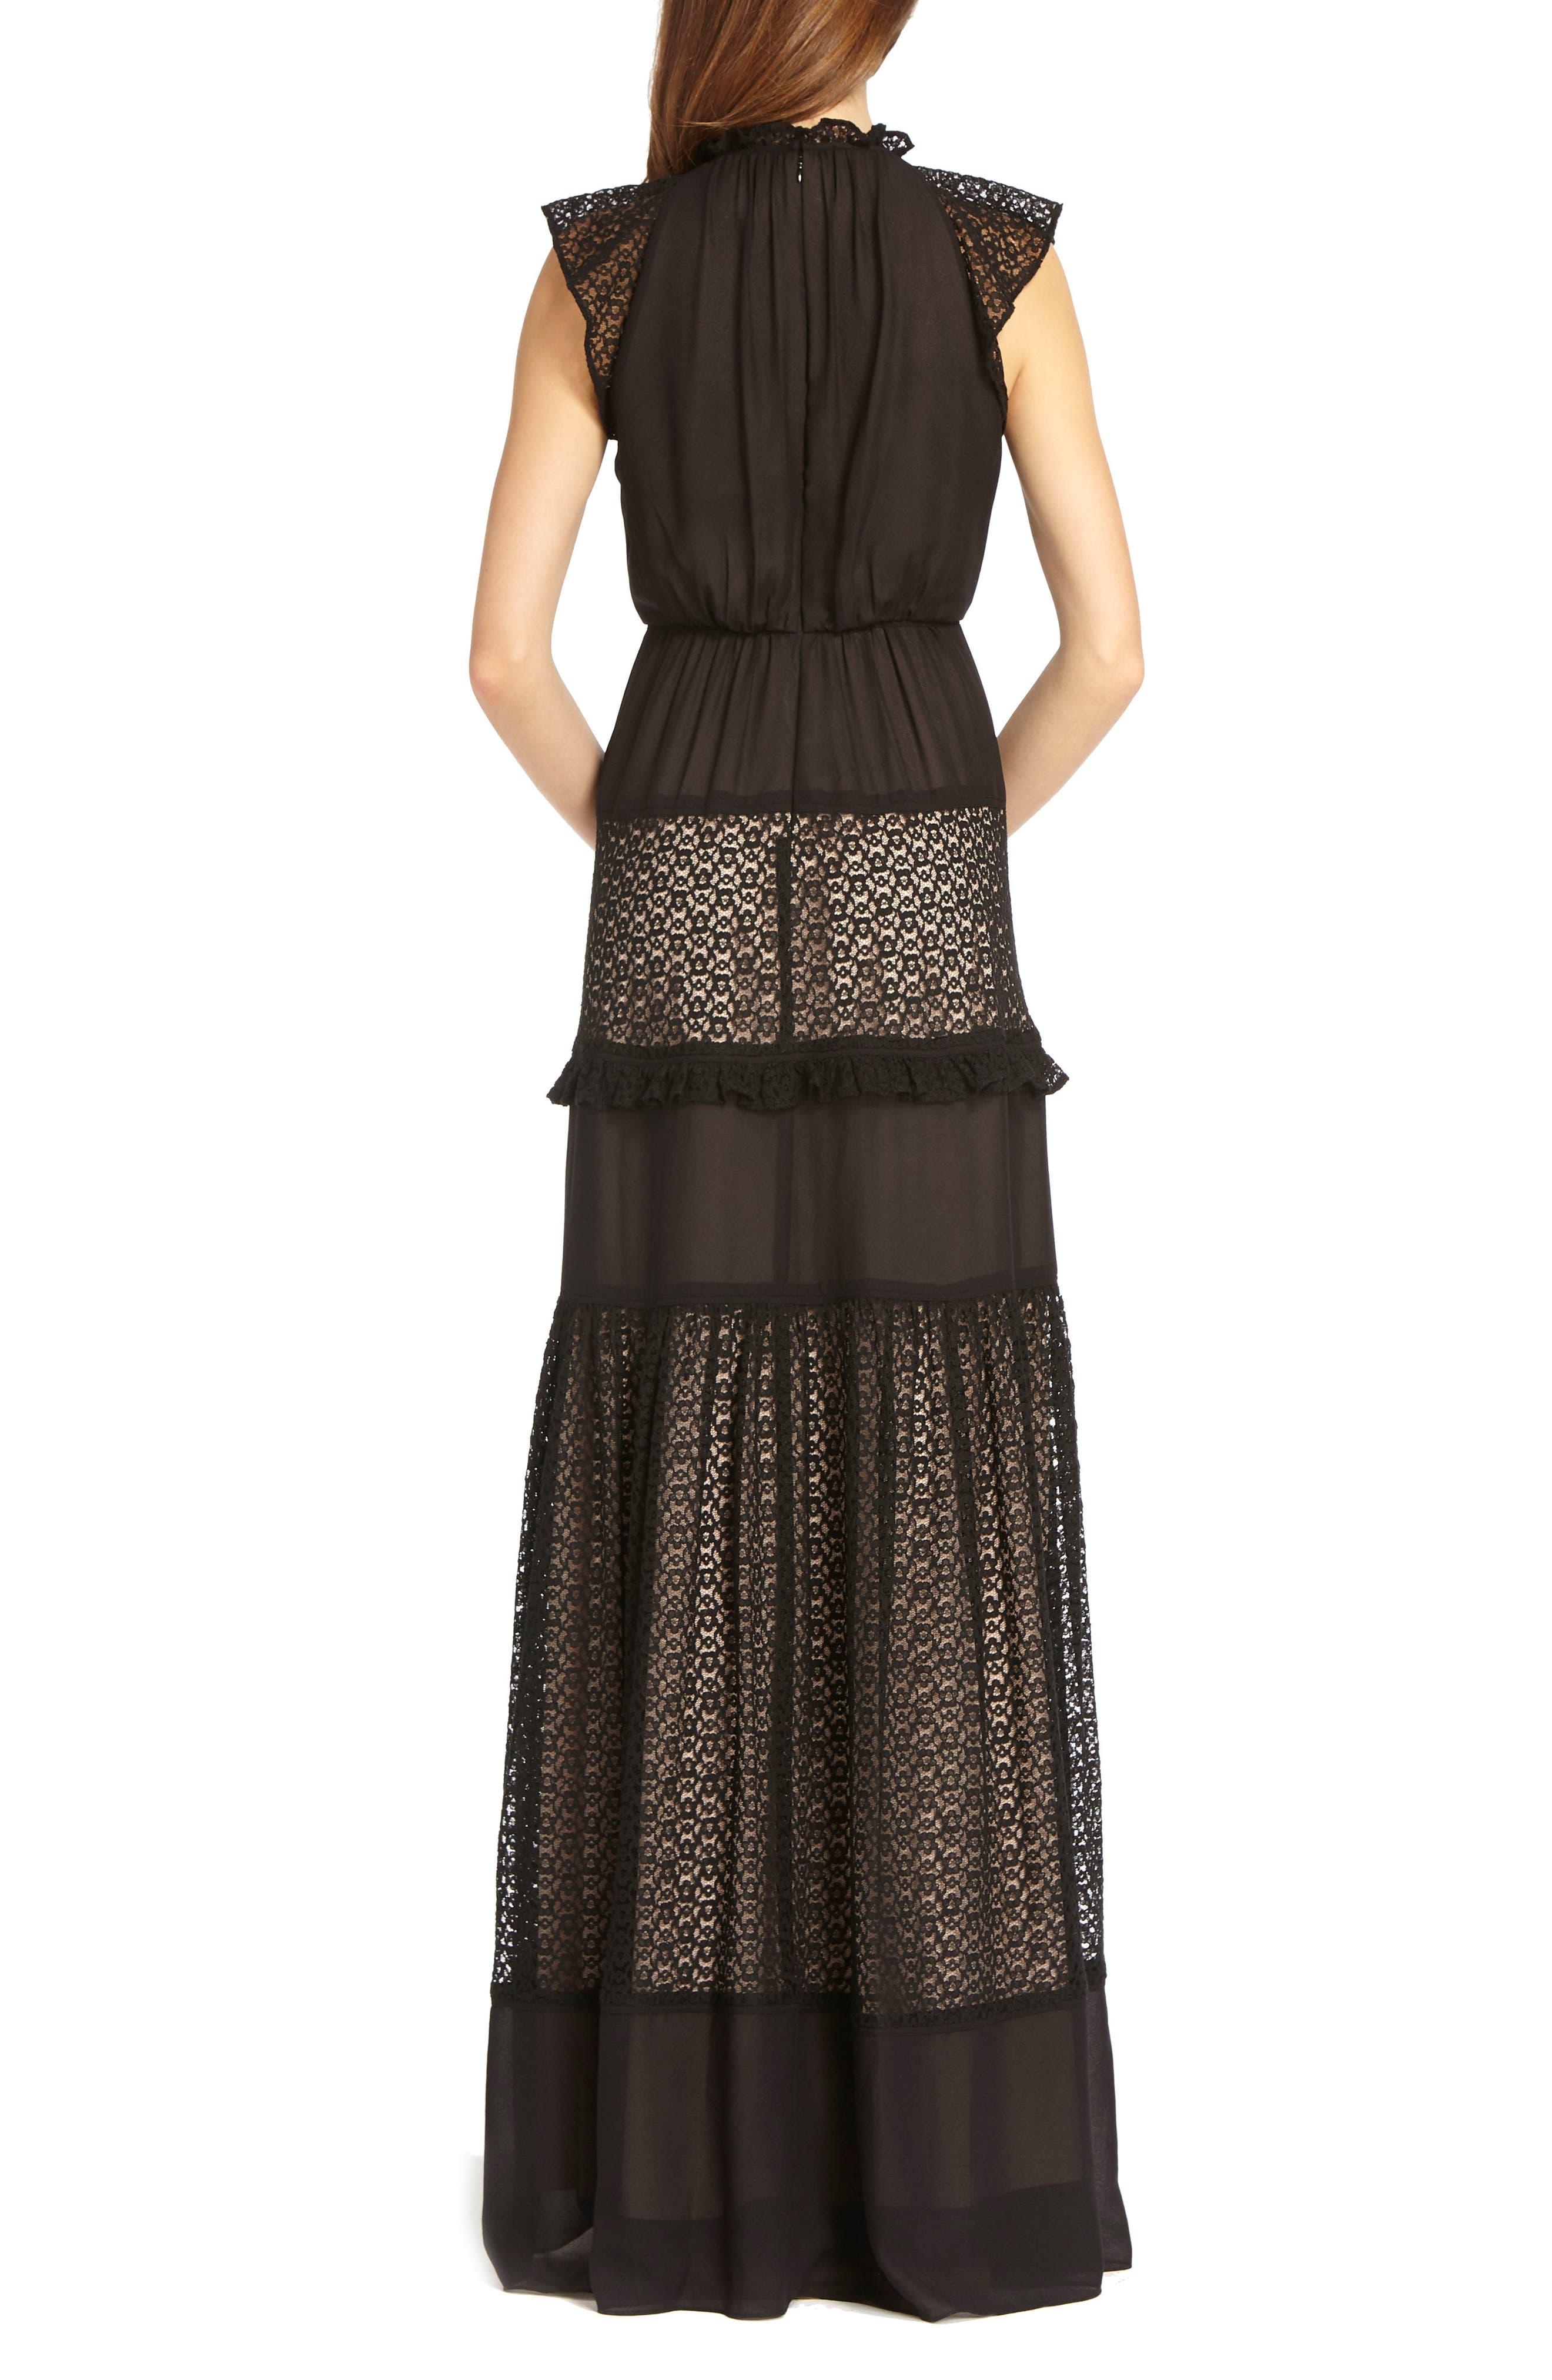 ML MONIQUE LHUILLIER, Lace Inset Gown, Alternate thumbnail 2, color, 001